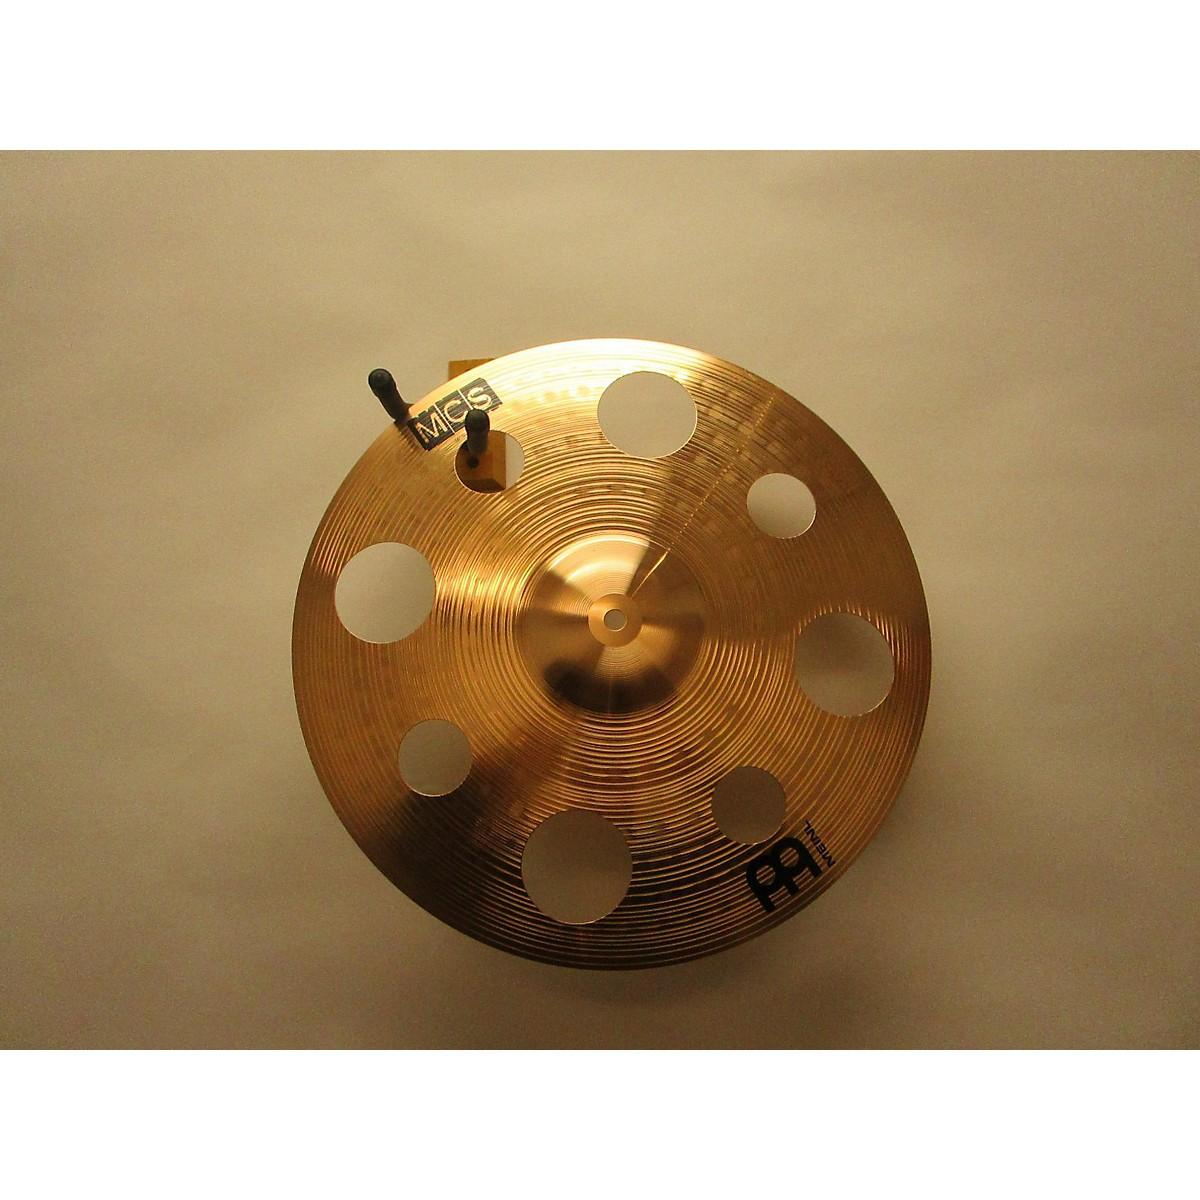 Meinl 16in MCS Trash Crash Cymbal